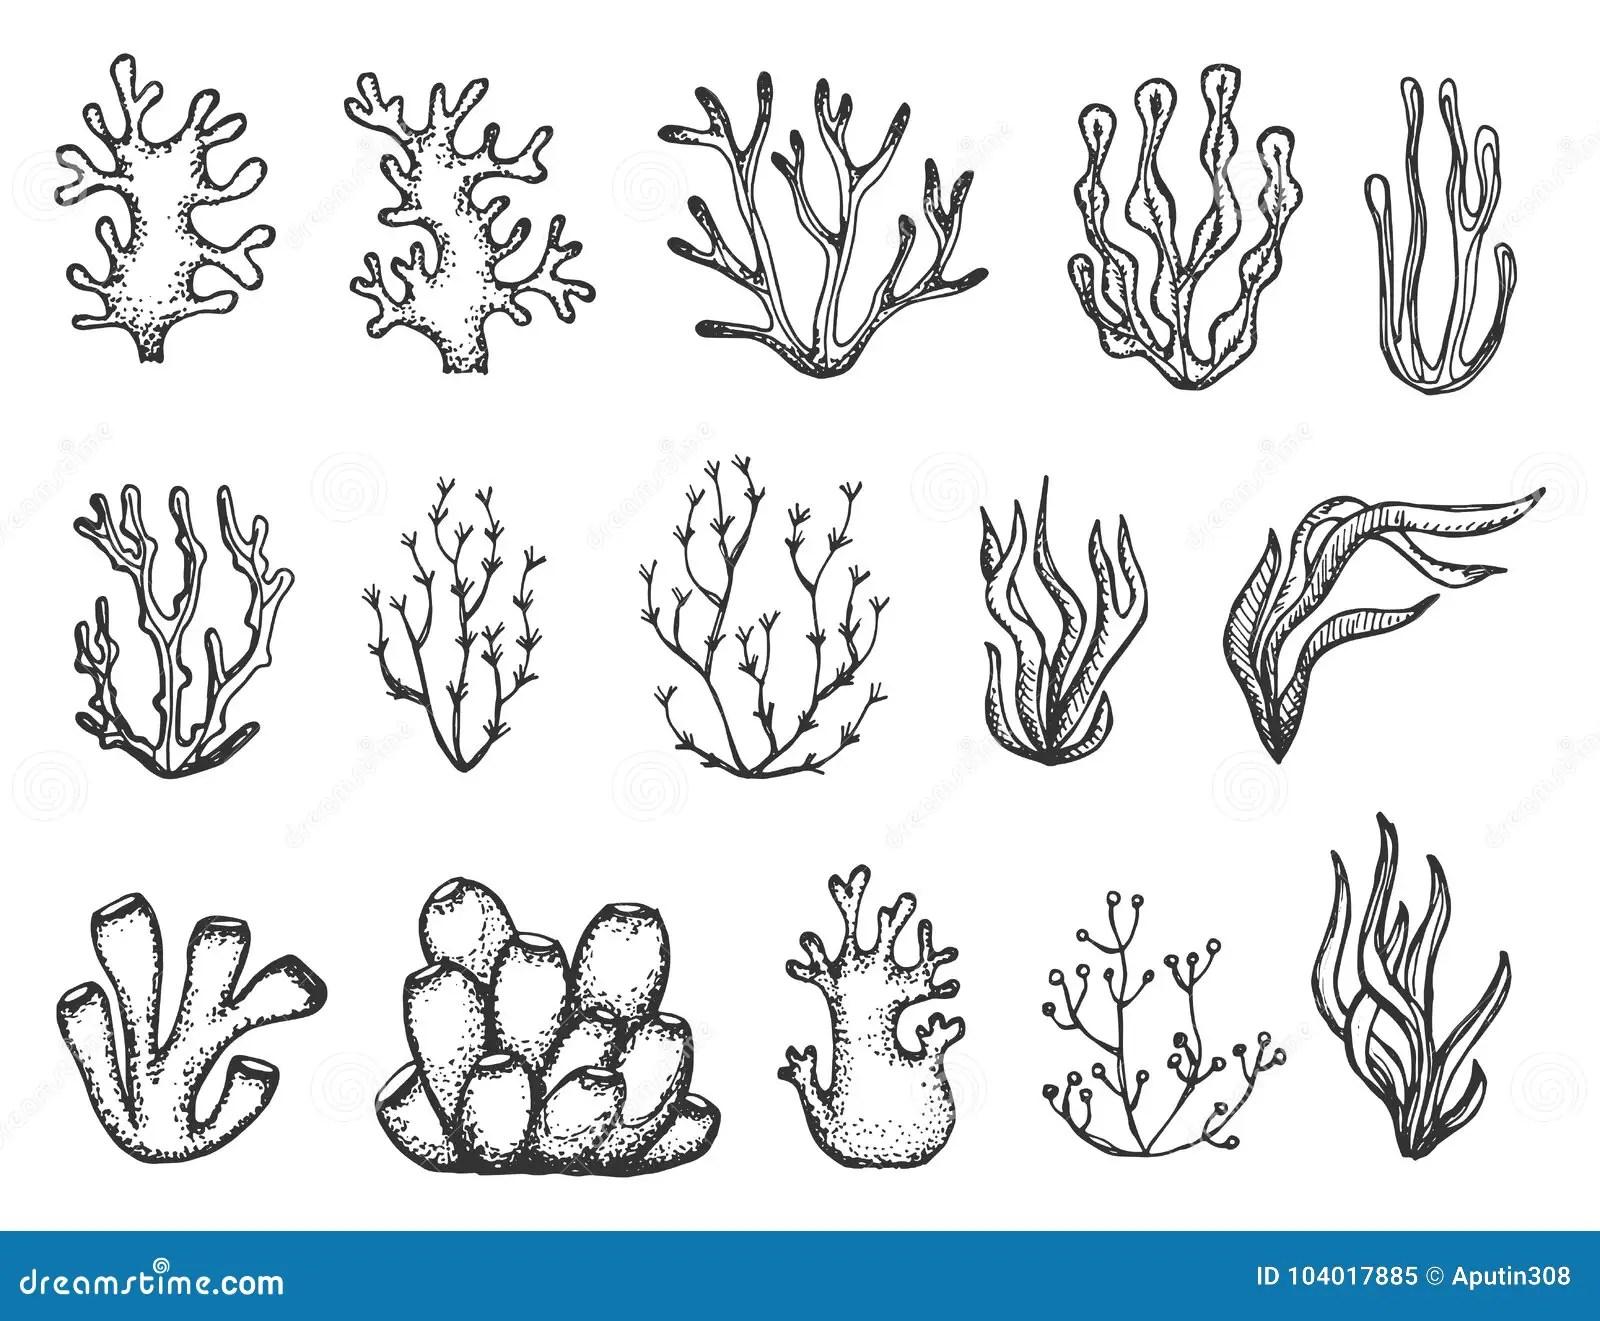 Algen Und Korallen Eingestellte Skizze Vektor Abbildung